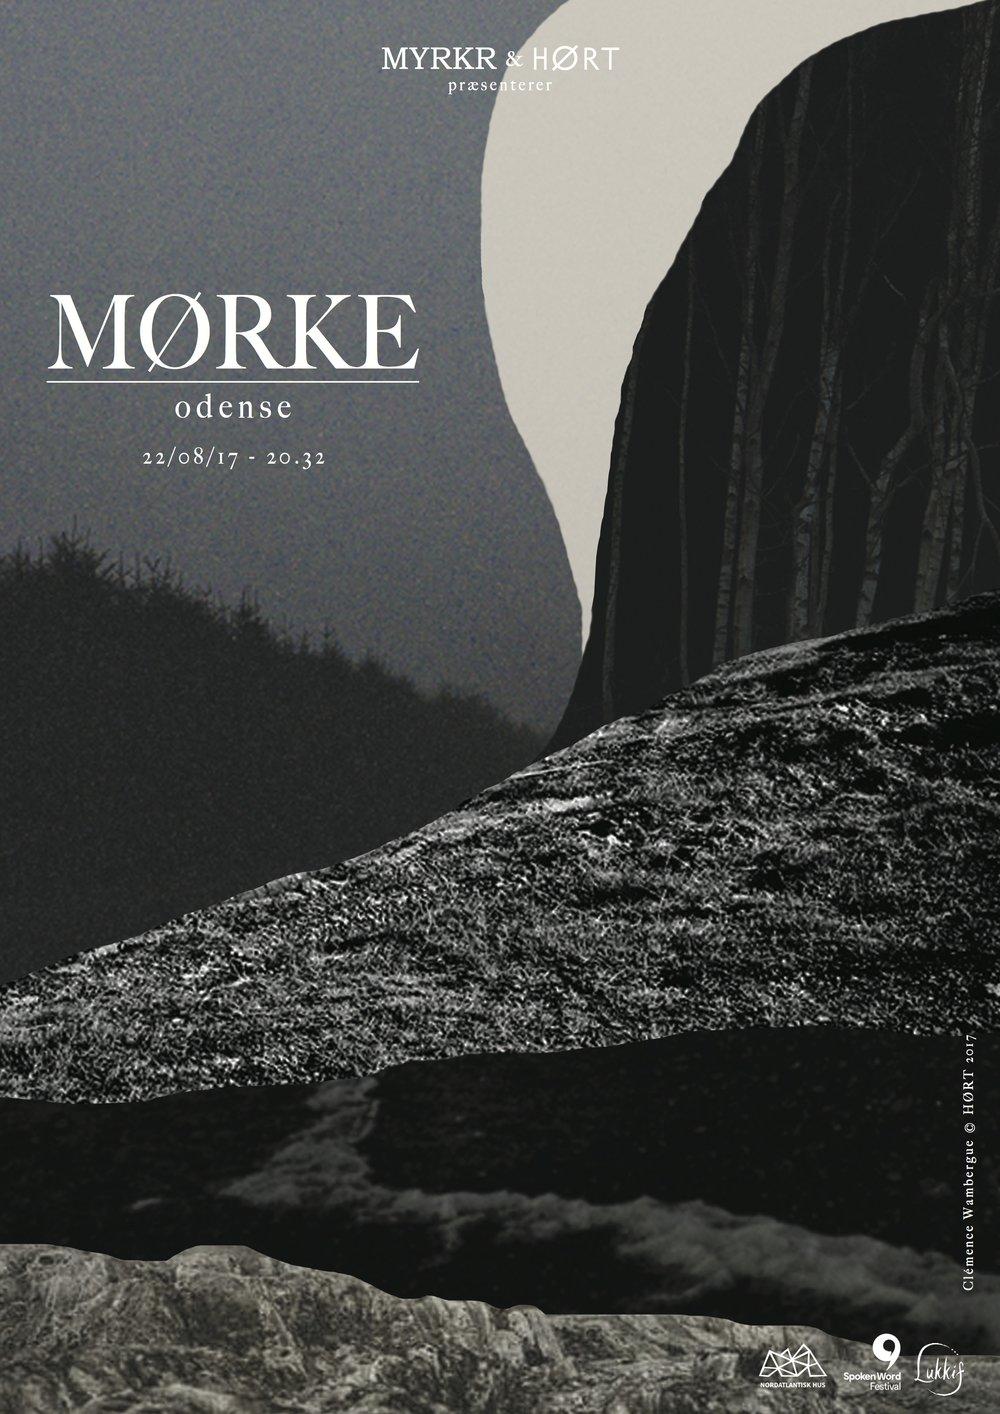 MØRKE // ODENSE